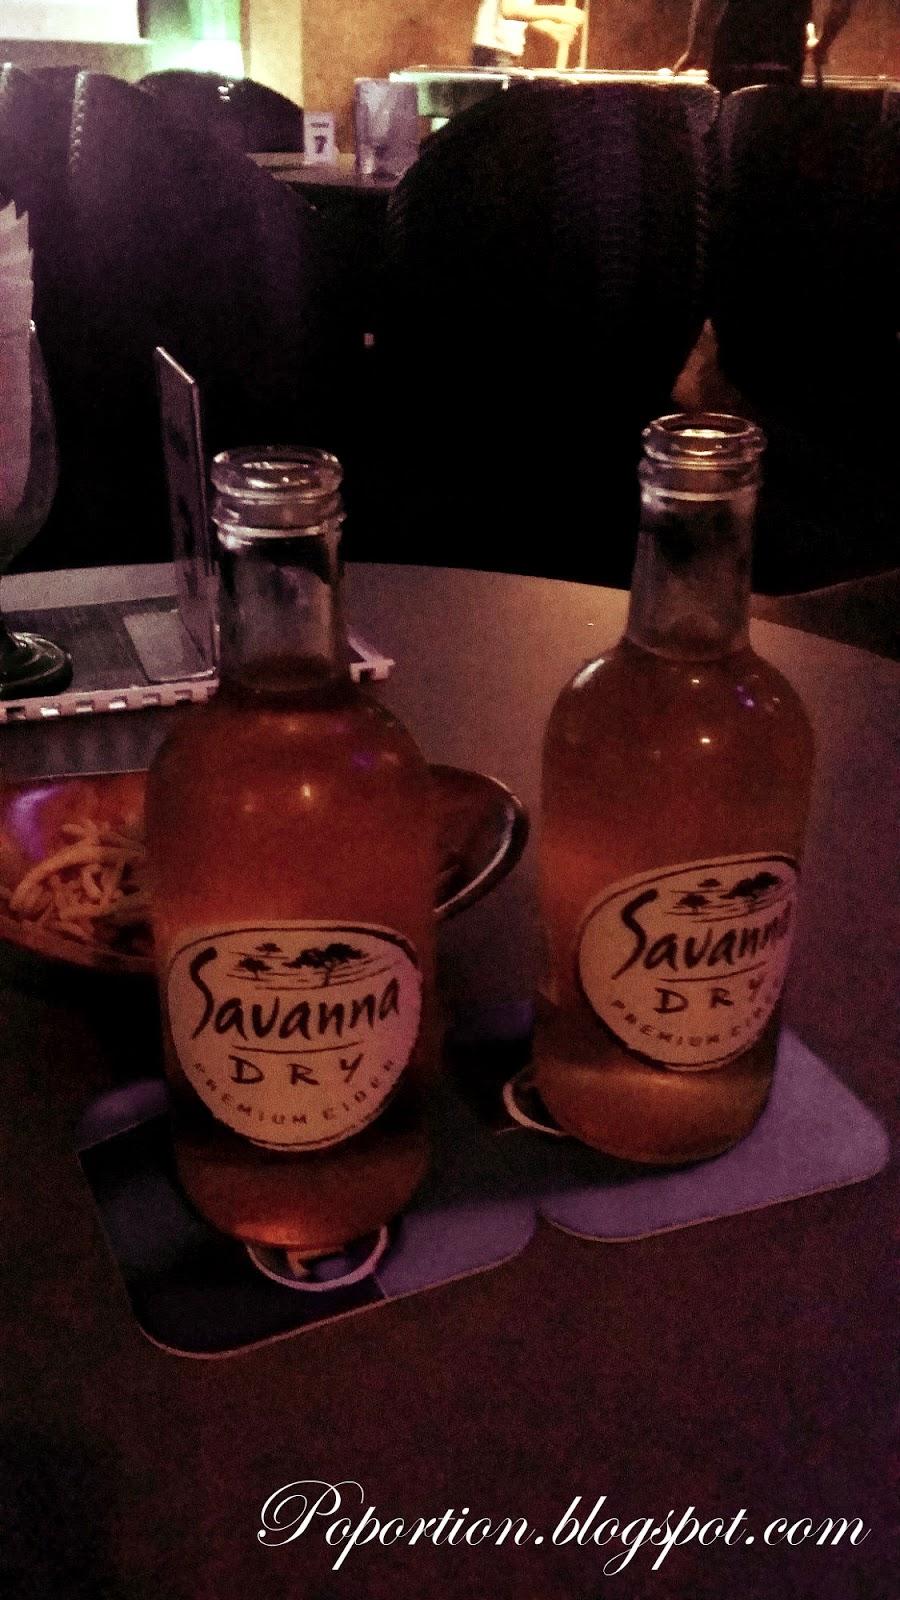 savanna apple cider